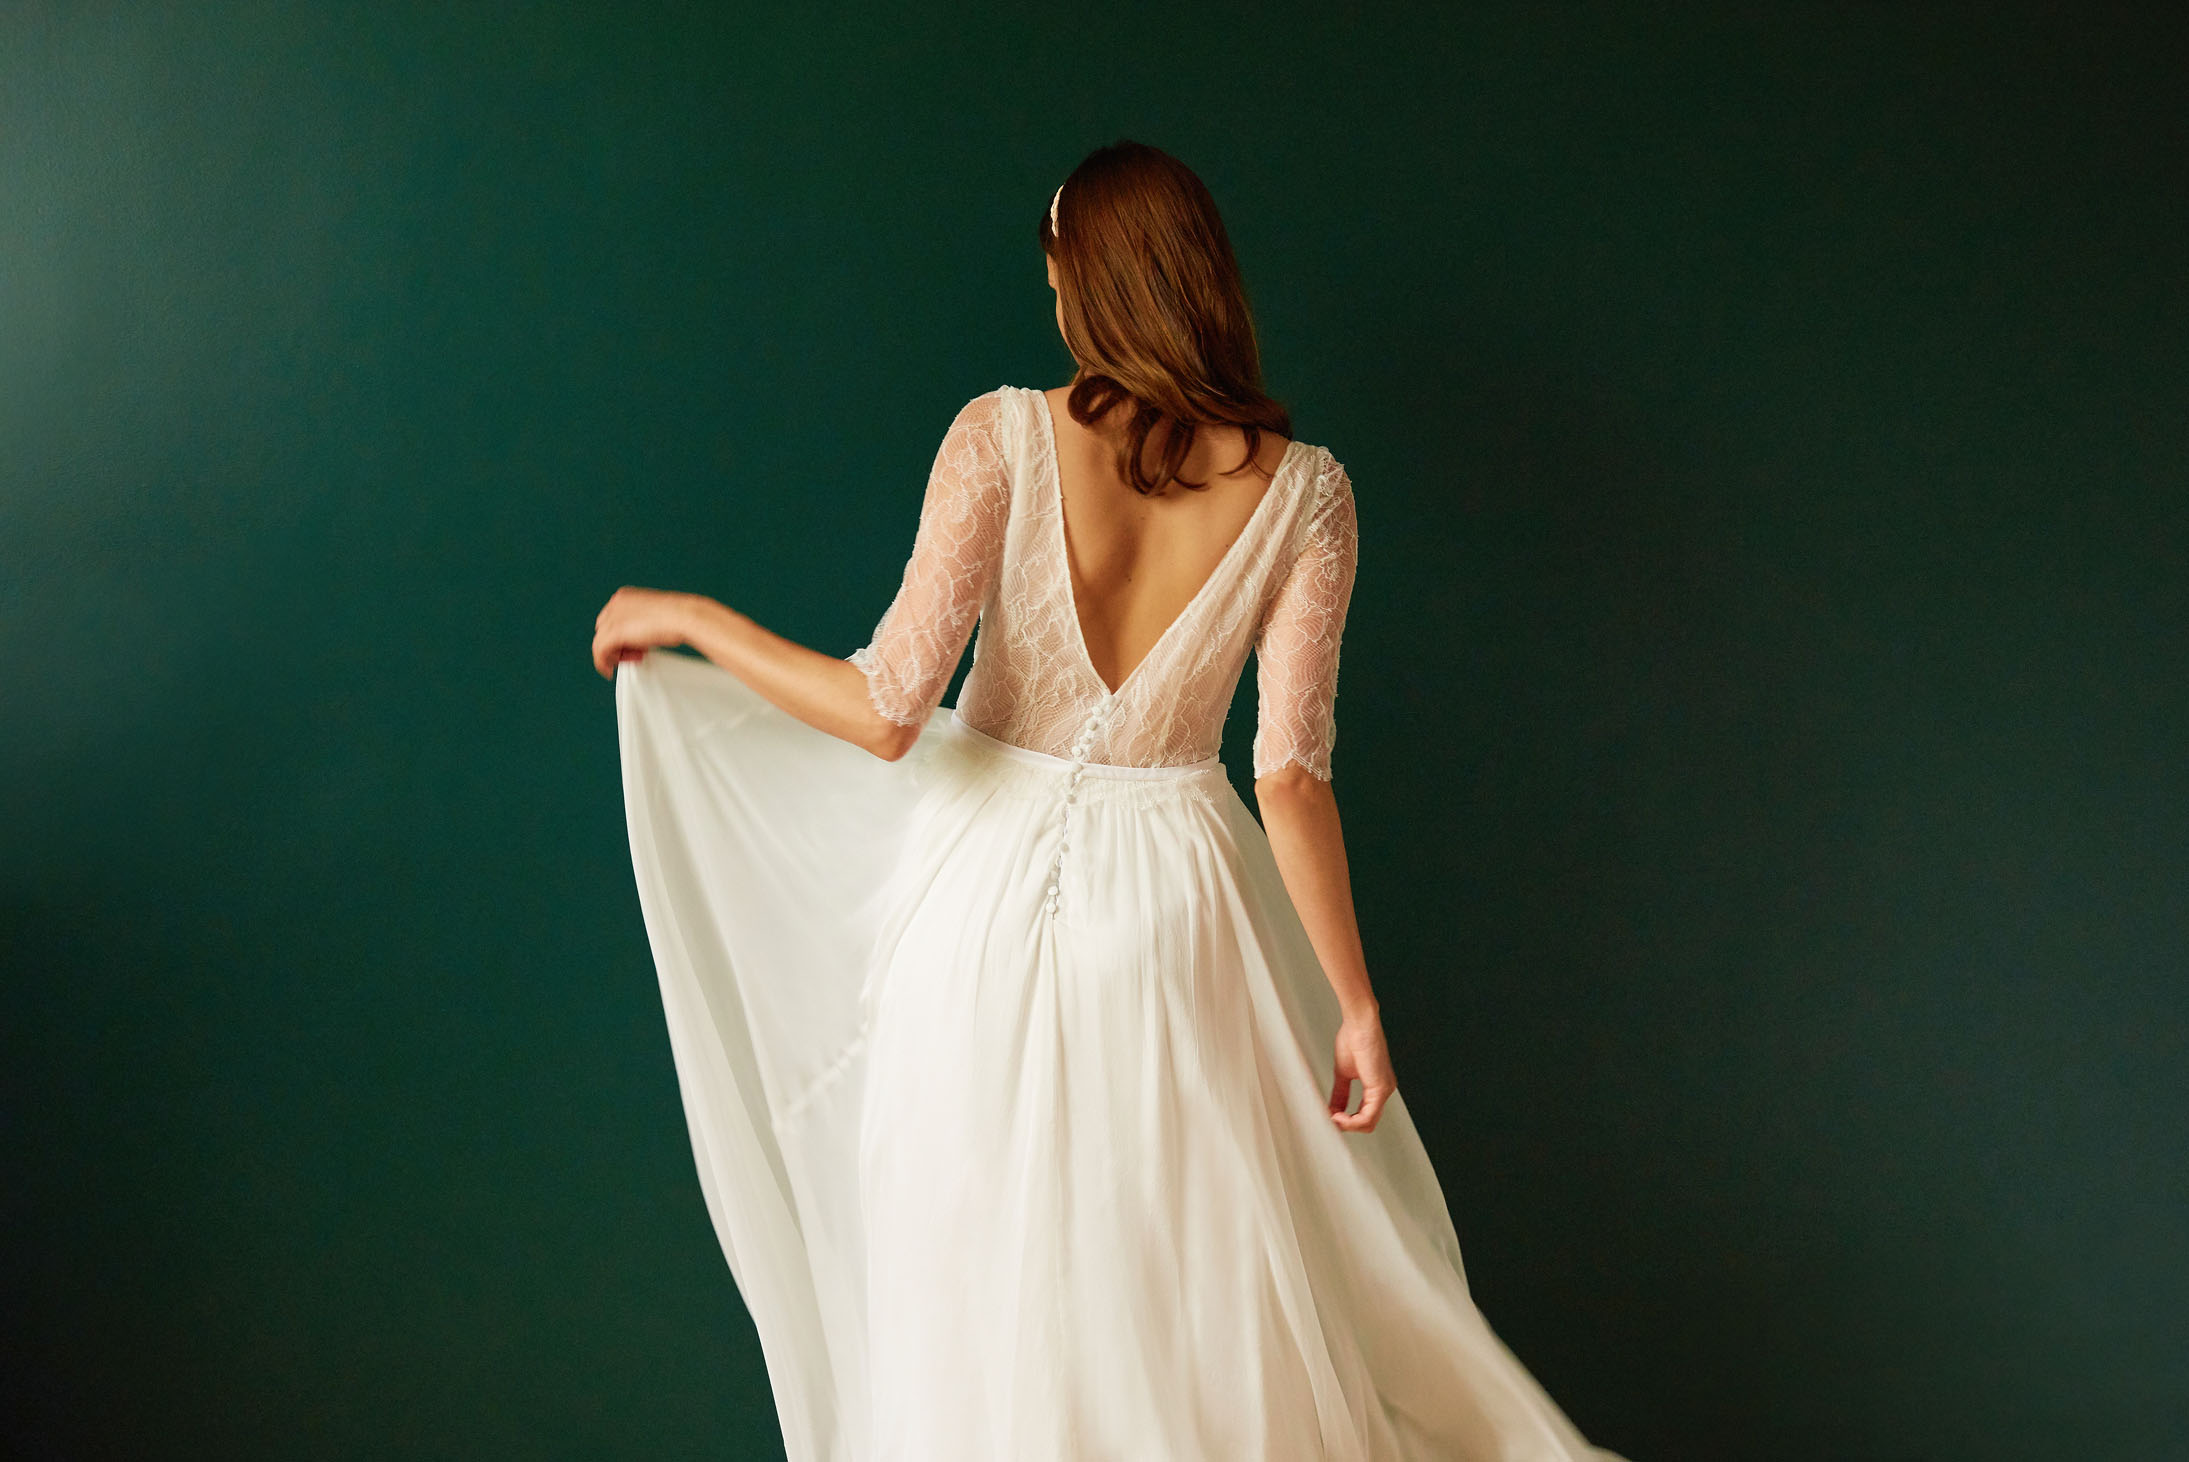 Maison Floret collection 2019 robes de mariée | La Mariée Sous Les EtoilesMaison Floret collection 2019 robes de mariée | La Mariée Sous Les Etoiles